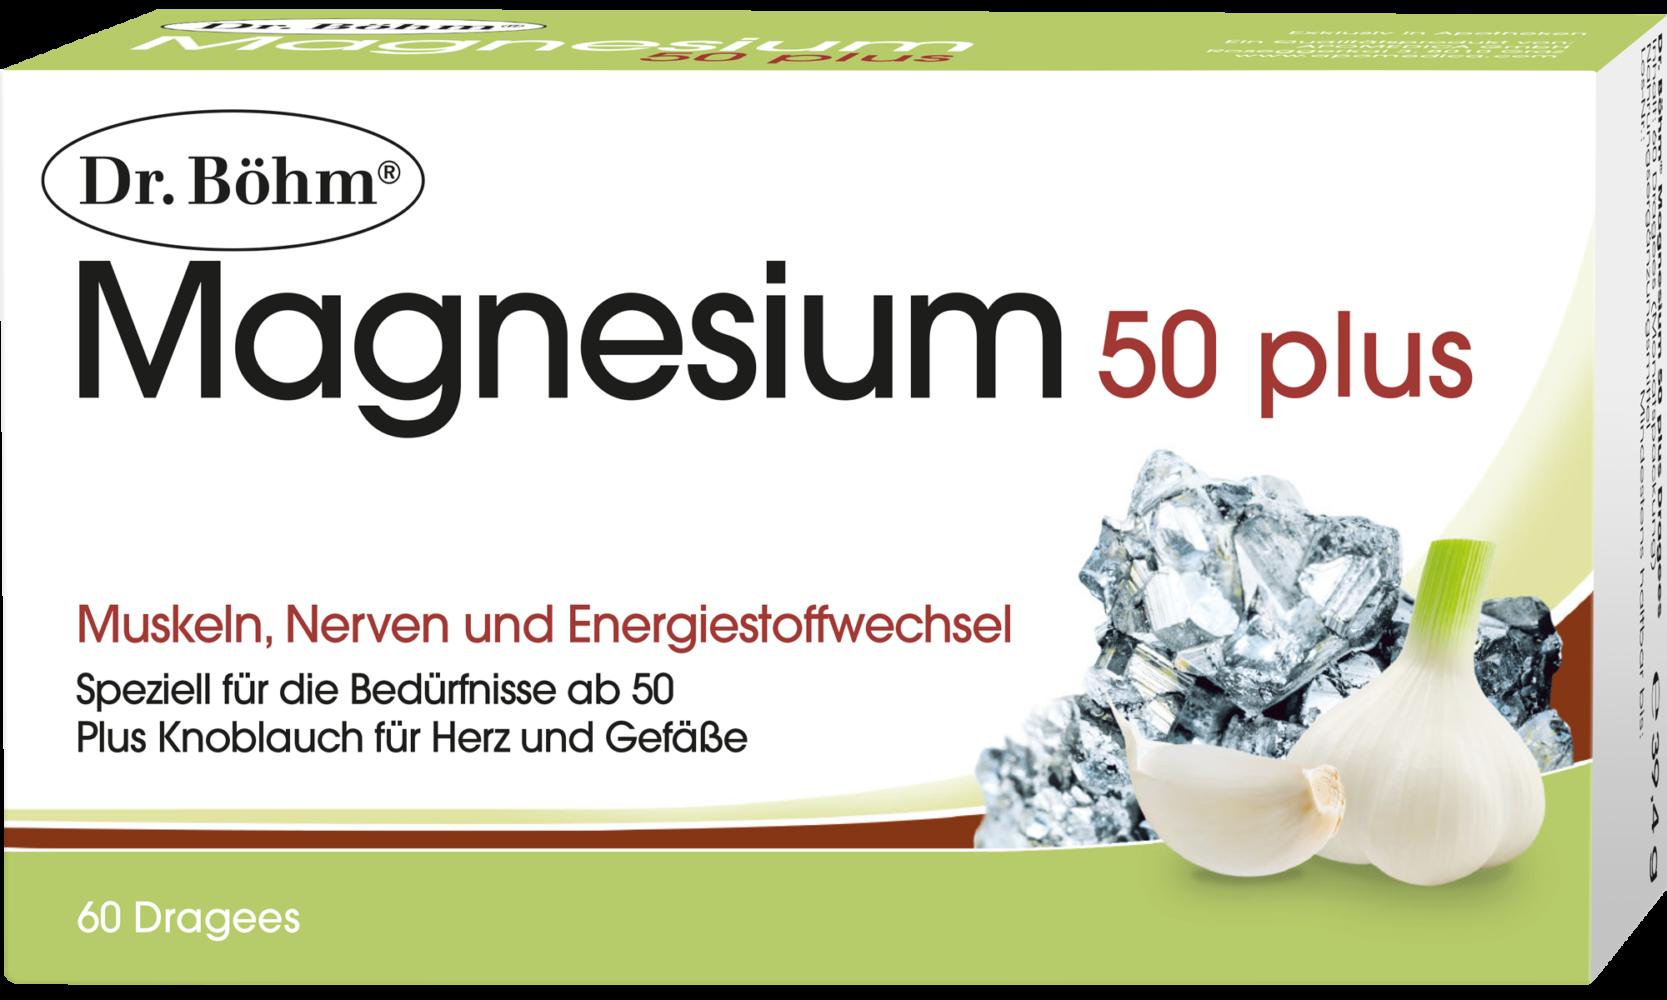 Dr. Böhm® Magnesium 50 plus, Muskeln, Nerven und Energiestoffwechsel